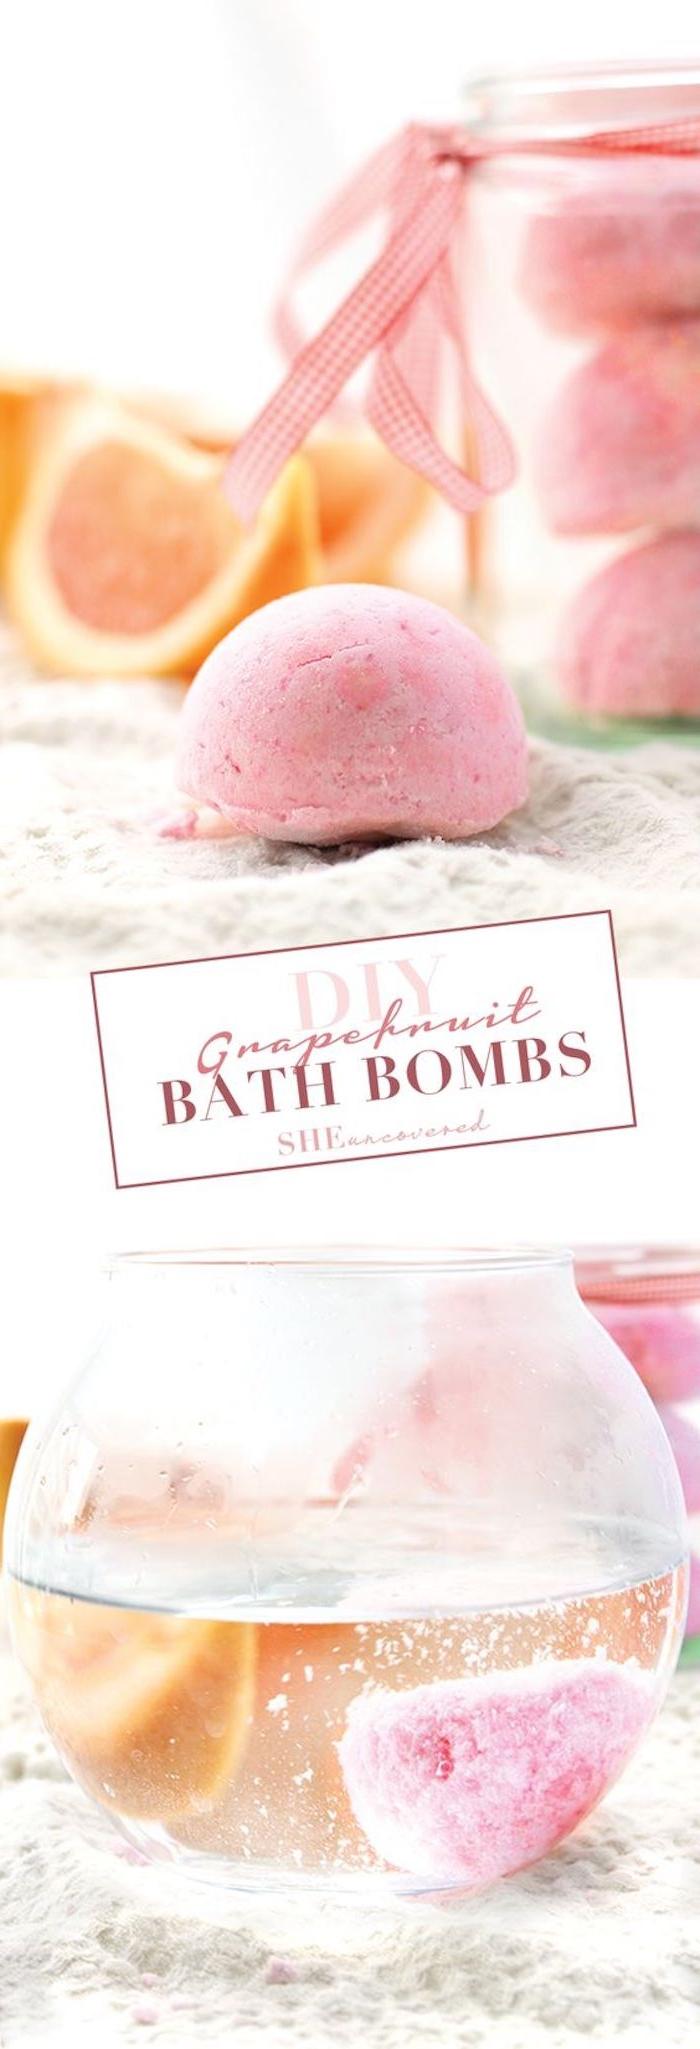 glasvase mit wasser, grapefruit, einmachflas, rosa schleife, diy